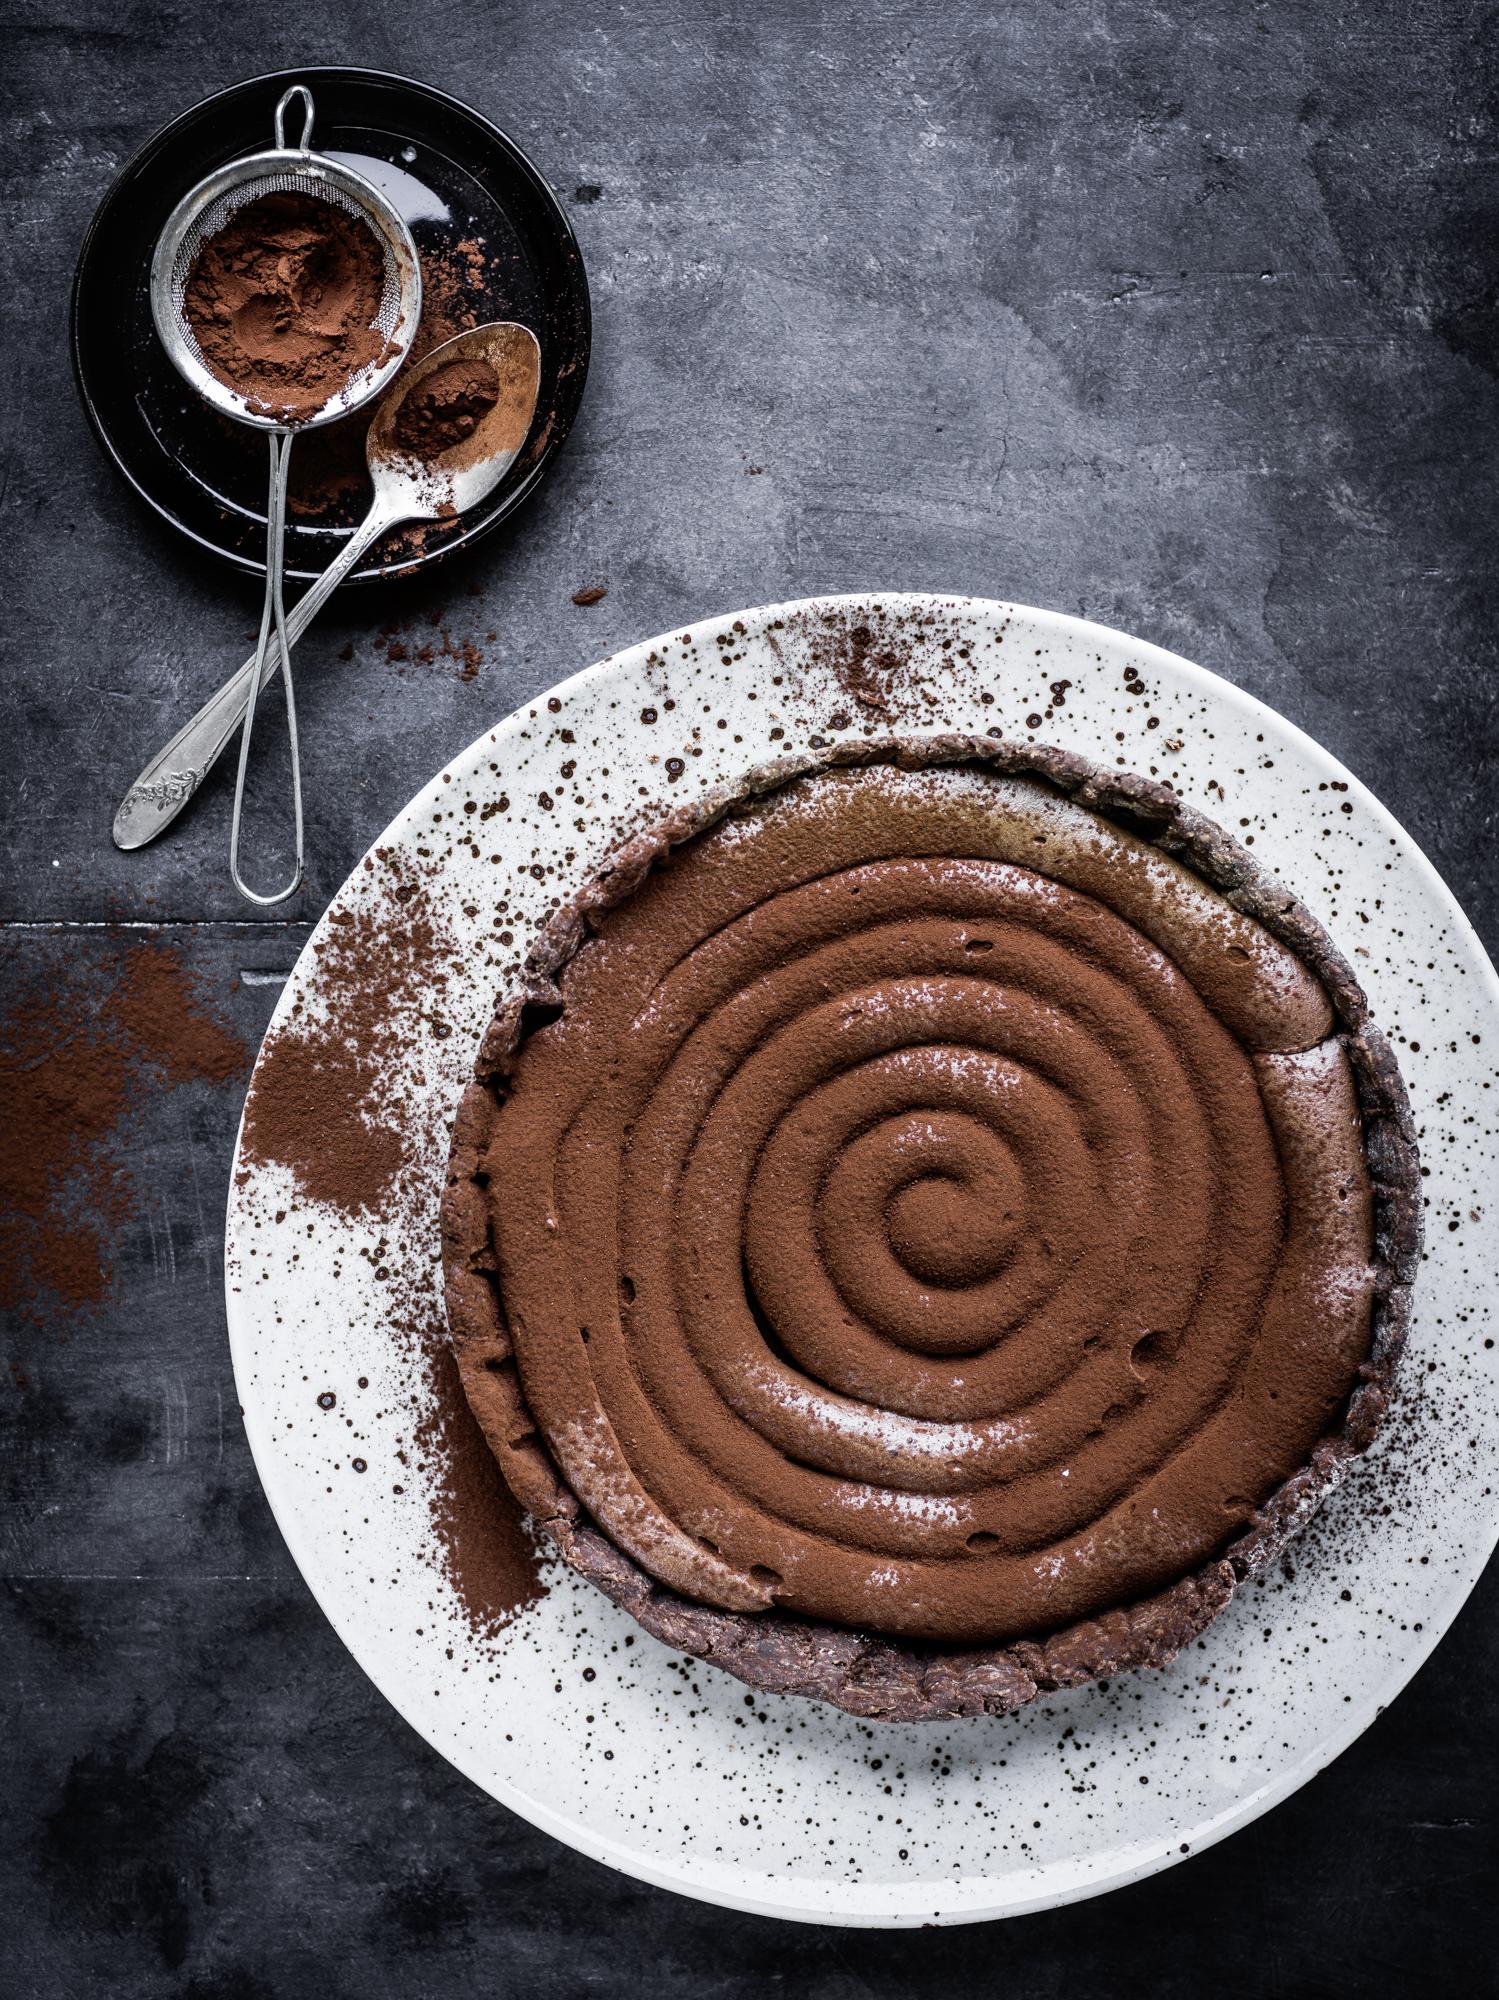 Food Fotoshooting | Stefan Schmidlin Fotografie Basel, Bild -20.jpg